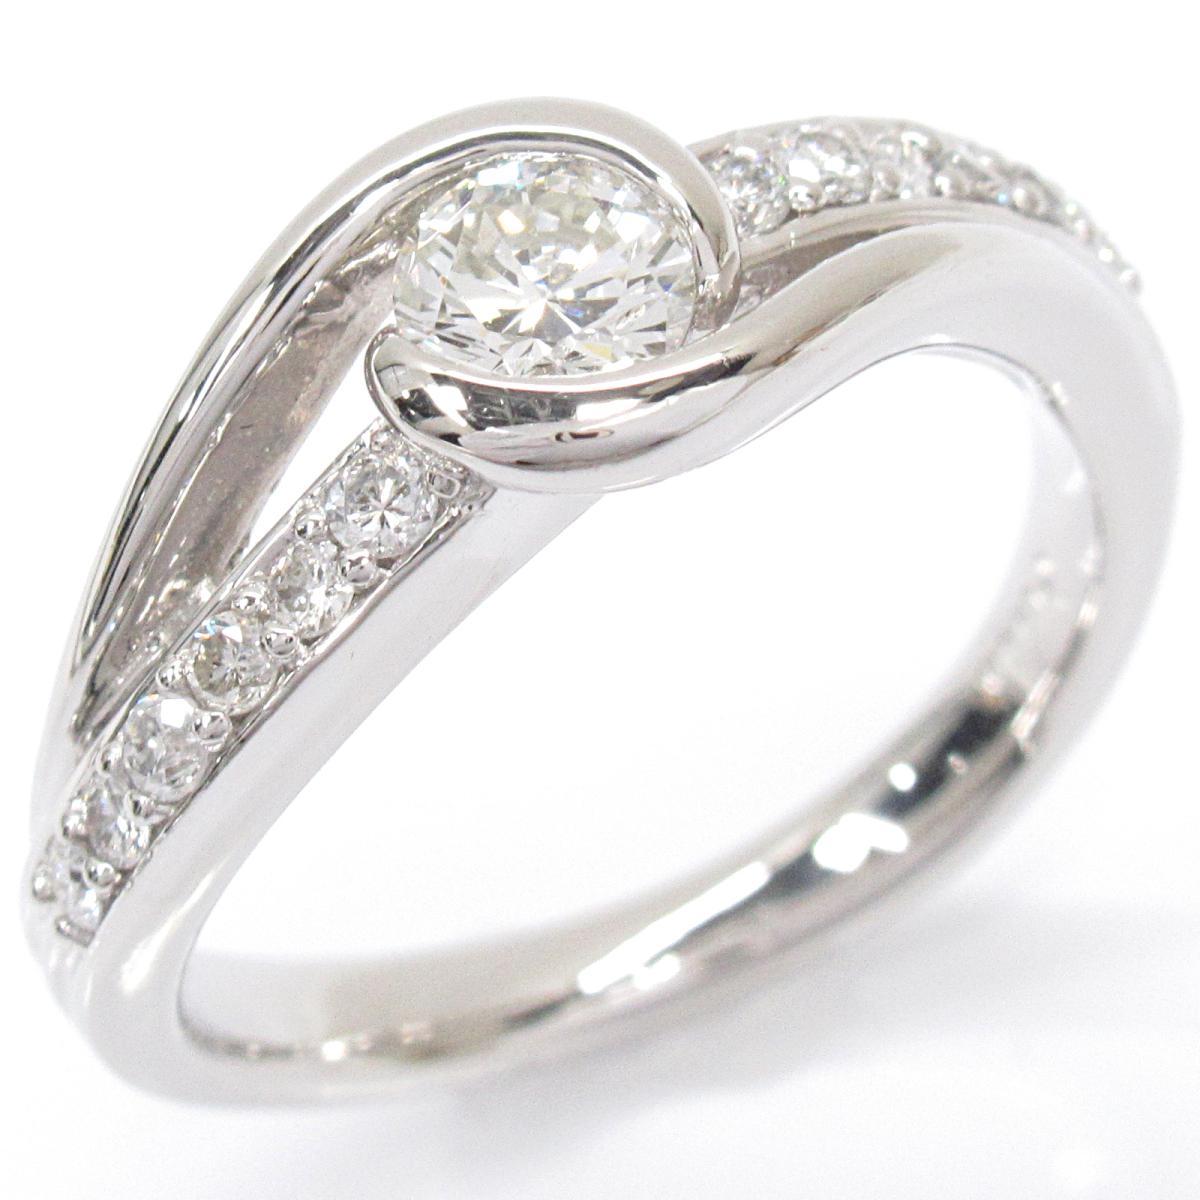 ジュエリー ダイヤモンドリング 指輪 ノーブランドジュエリー レディース PT900 プラチナxダイヤモンド (0.346 | JEWELRY BRANDOFF ブランドオフ アクセサリー リング